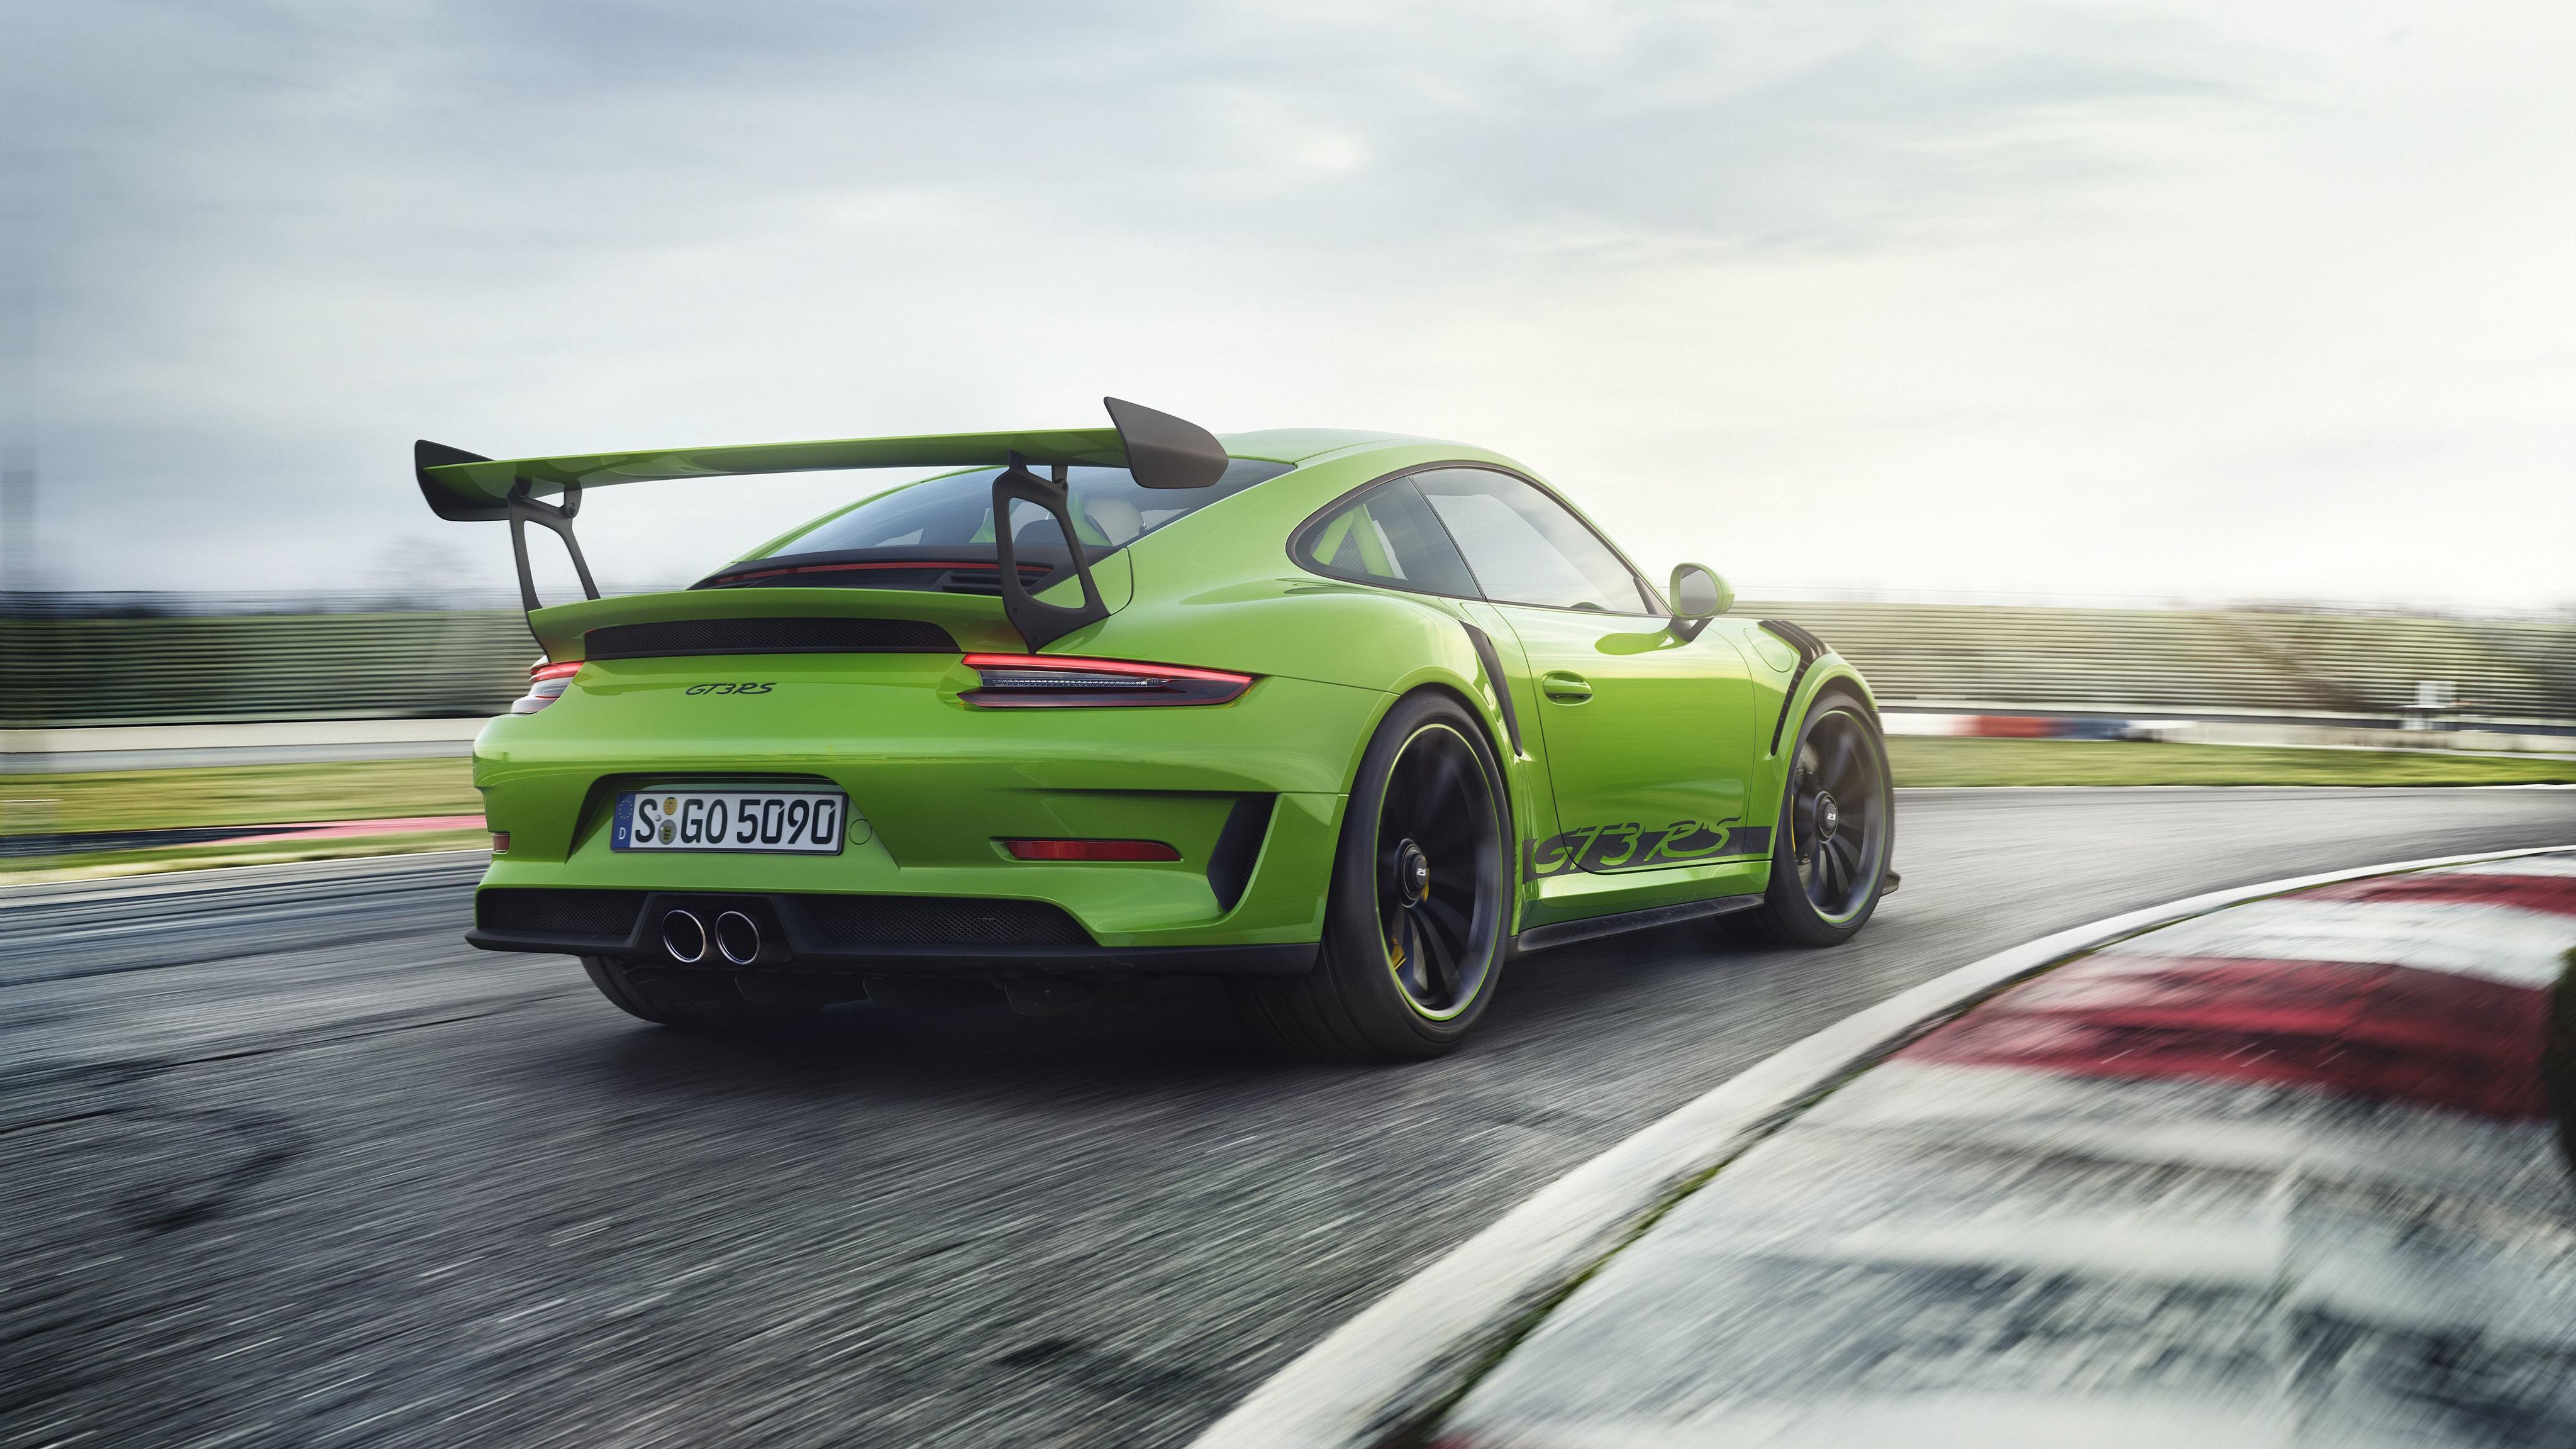 4k Porche Carrera Gt Wallpaper: 2018 Porsche 911 GT3 RS 4K 8 Wallpaper